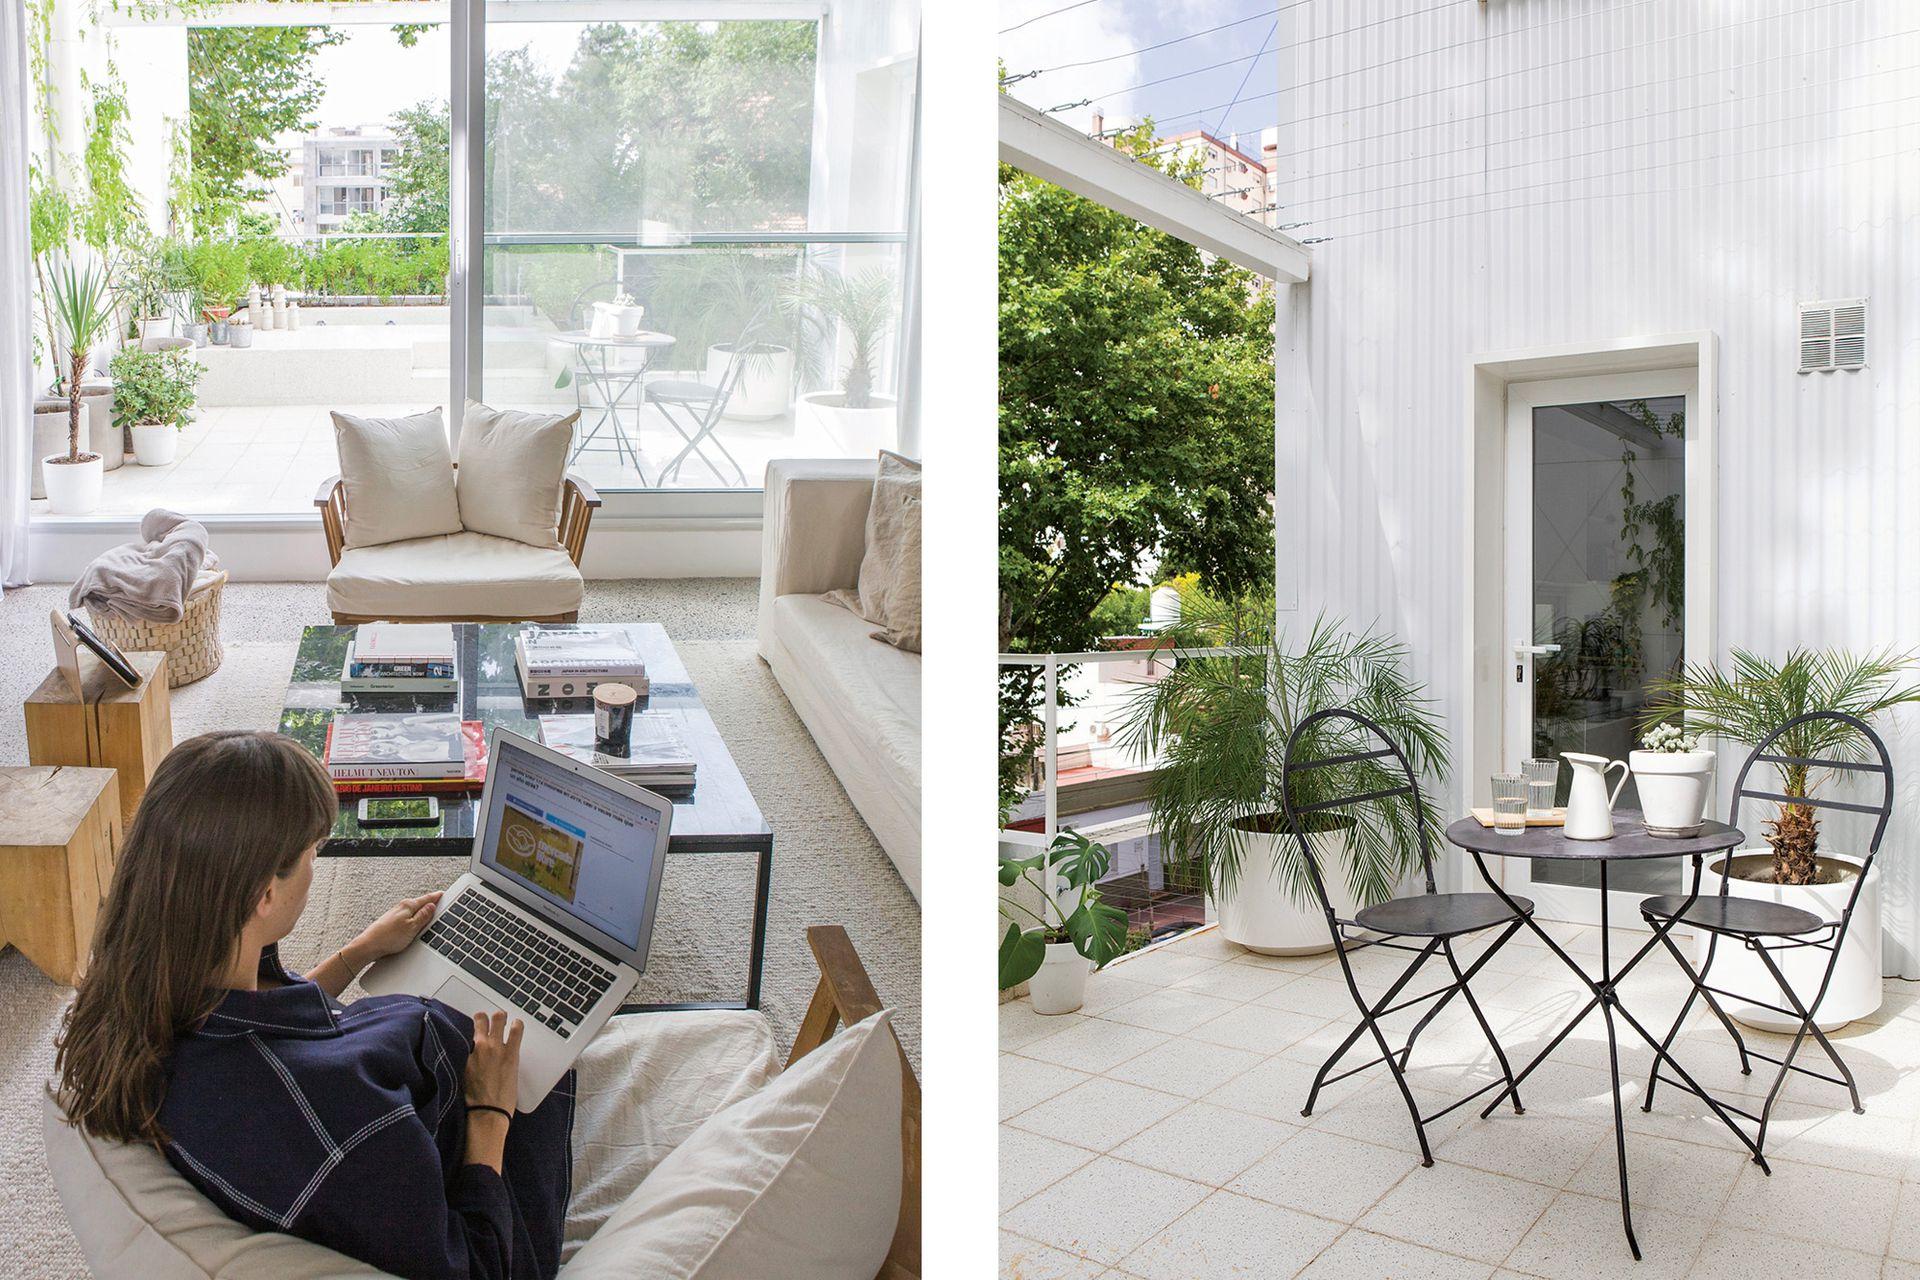 El juego de mesa y sillas de la terraza es de Carpintería El Yeite.